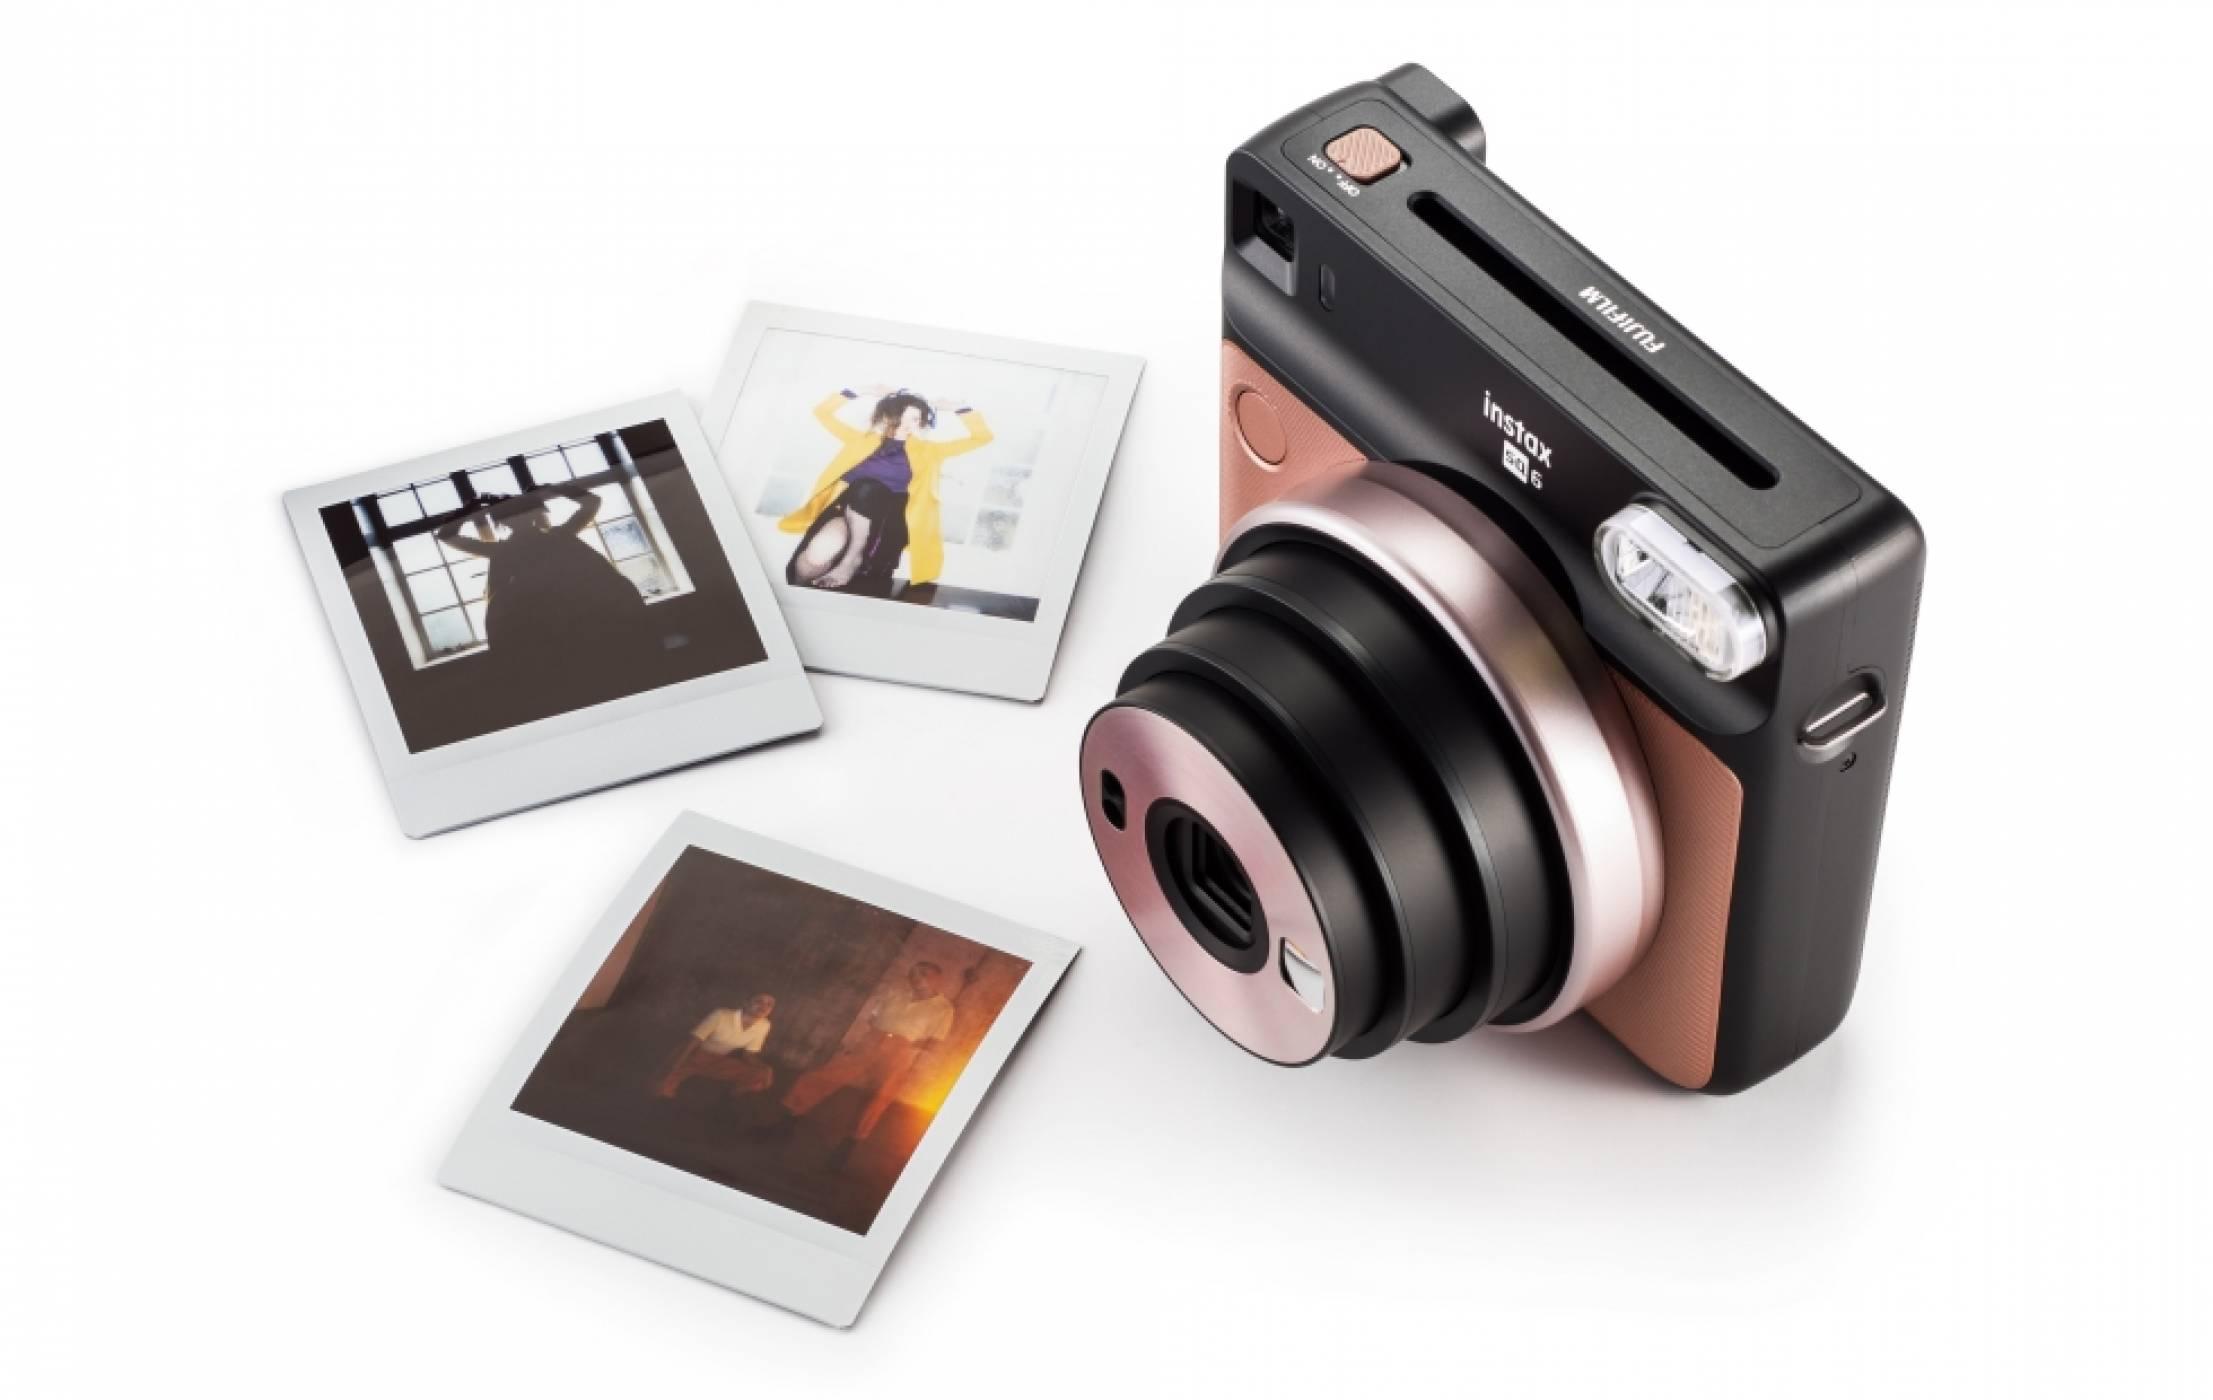 Този компактен фотоапарат на Fujifilm разпечатва селфитата ви на момента